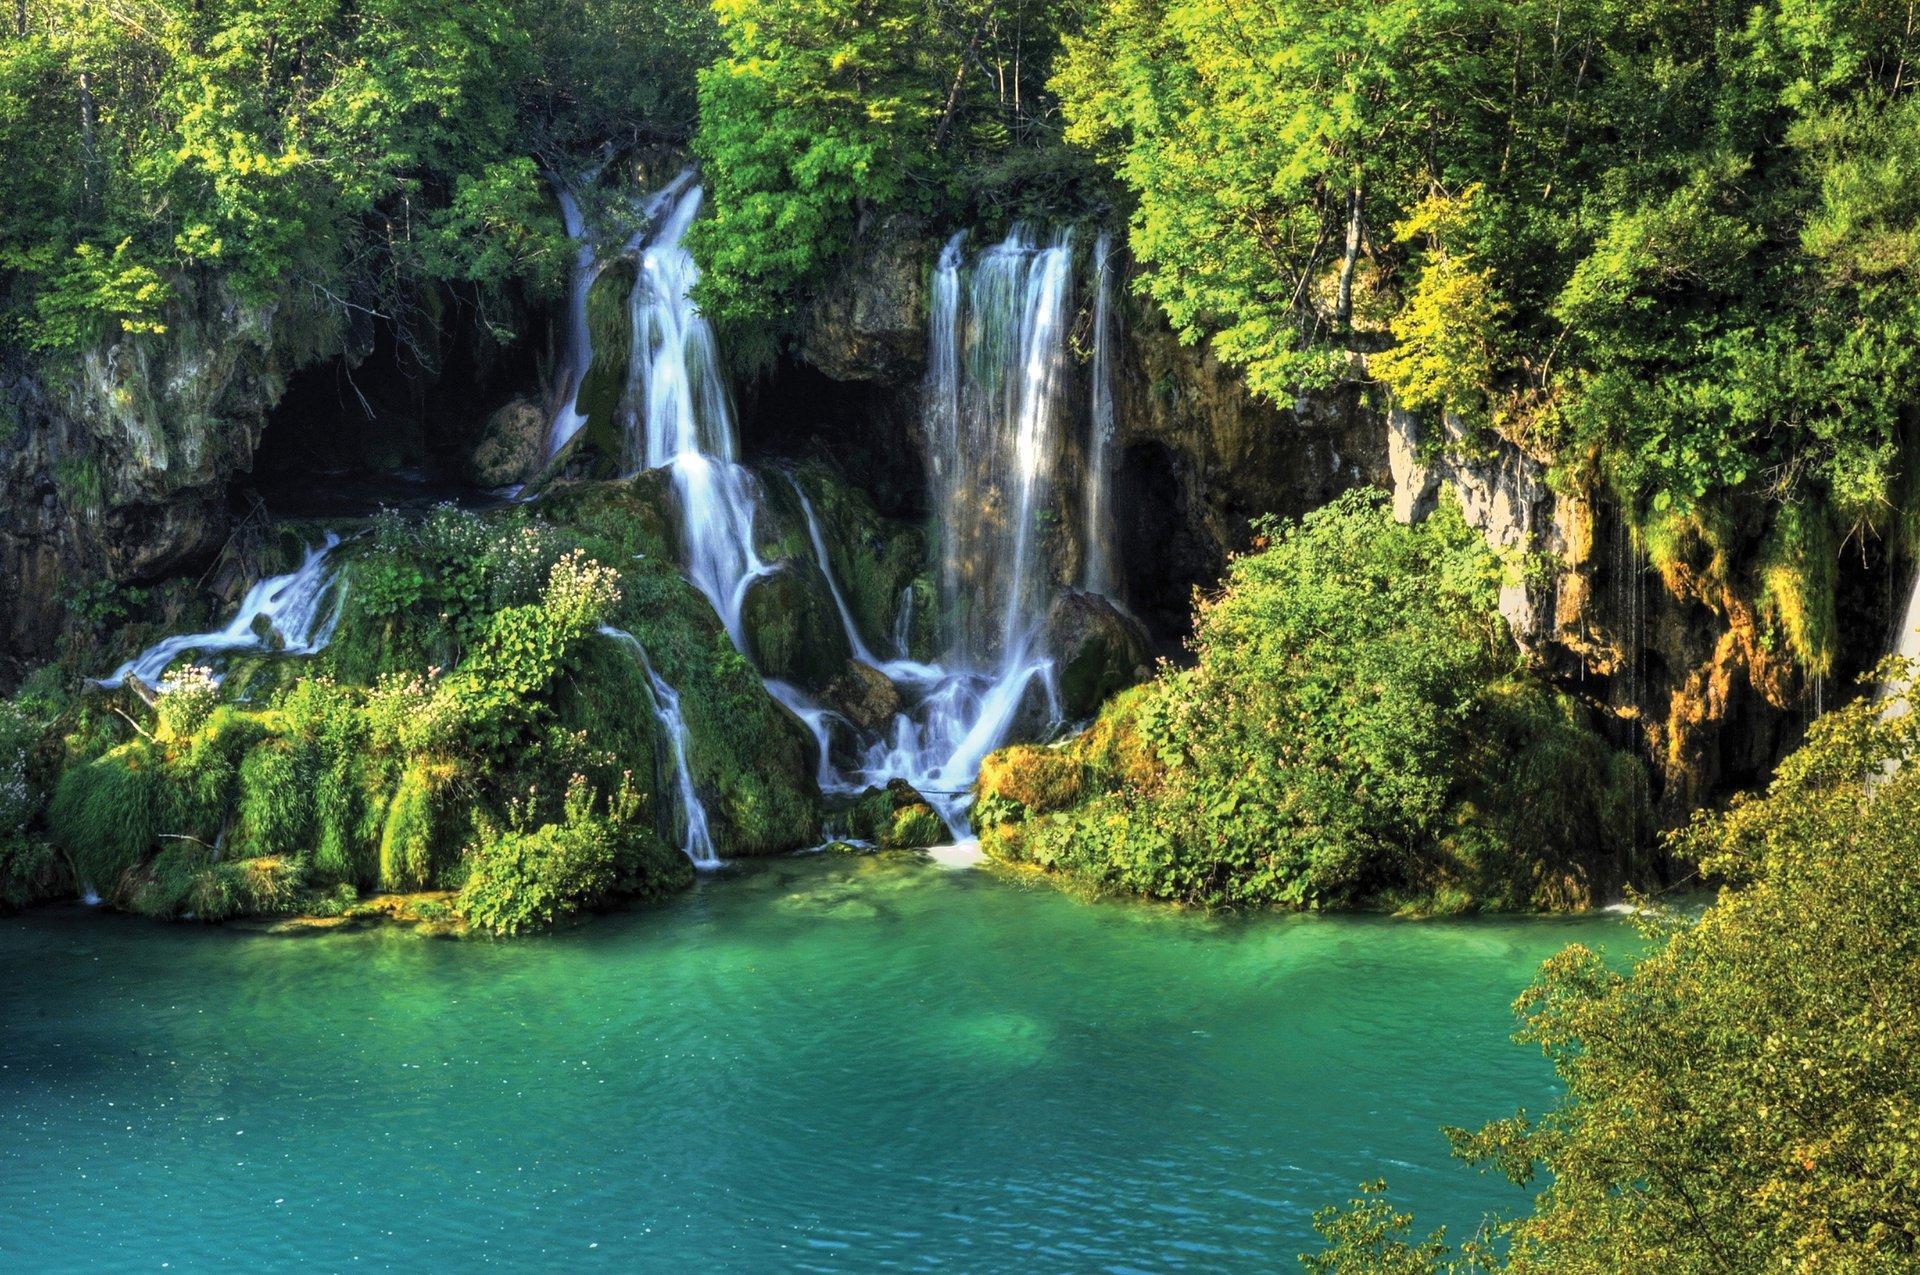 очень вкусные водопады мира фото для рабочего стола тяжелый, крупный